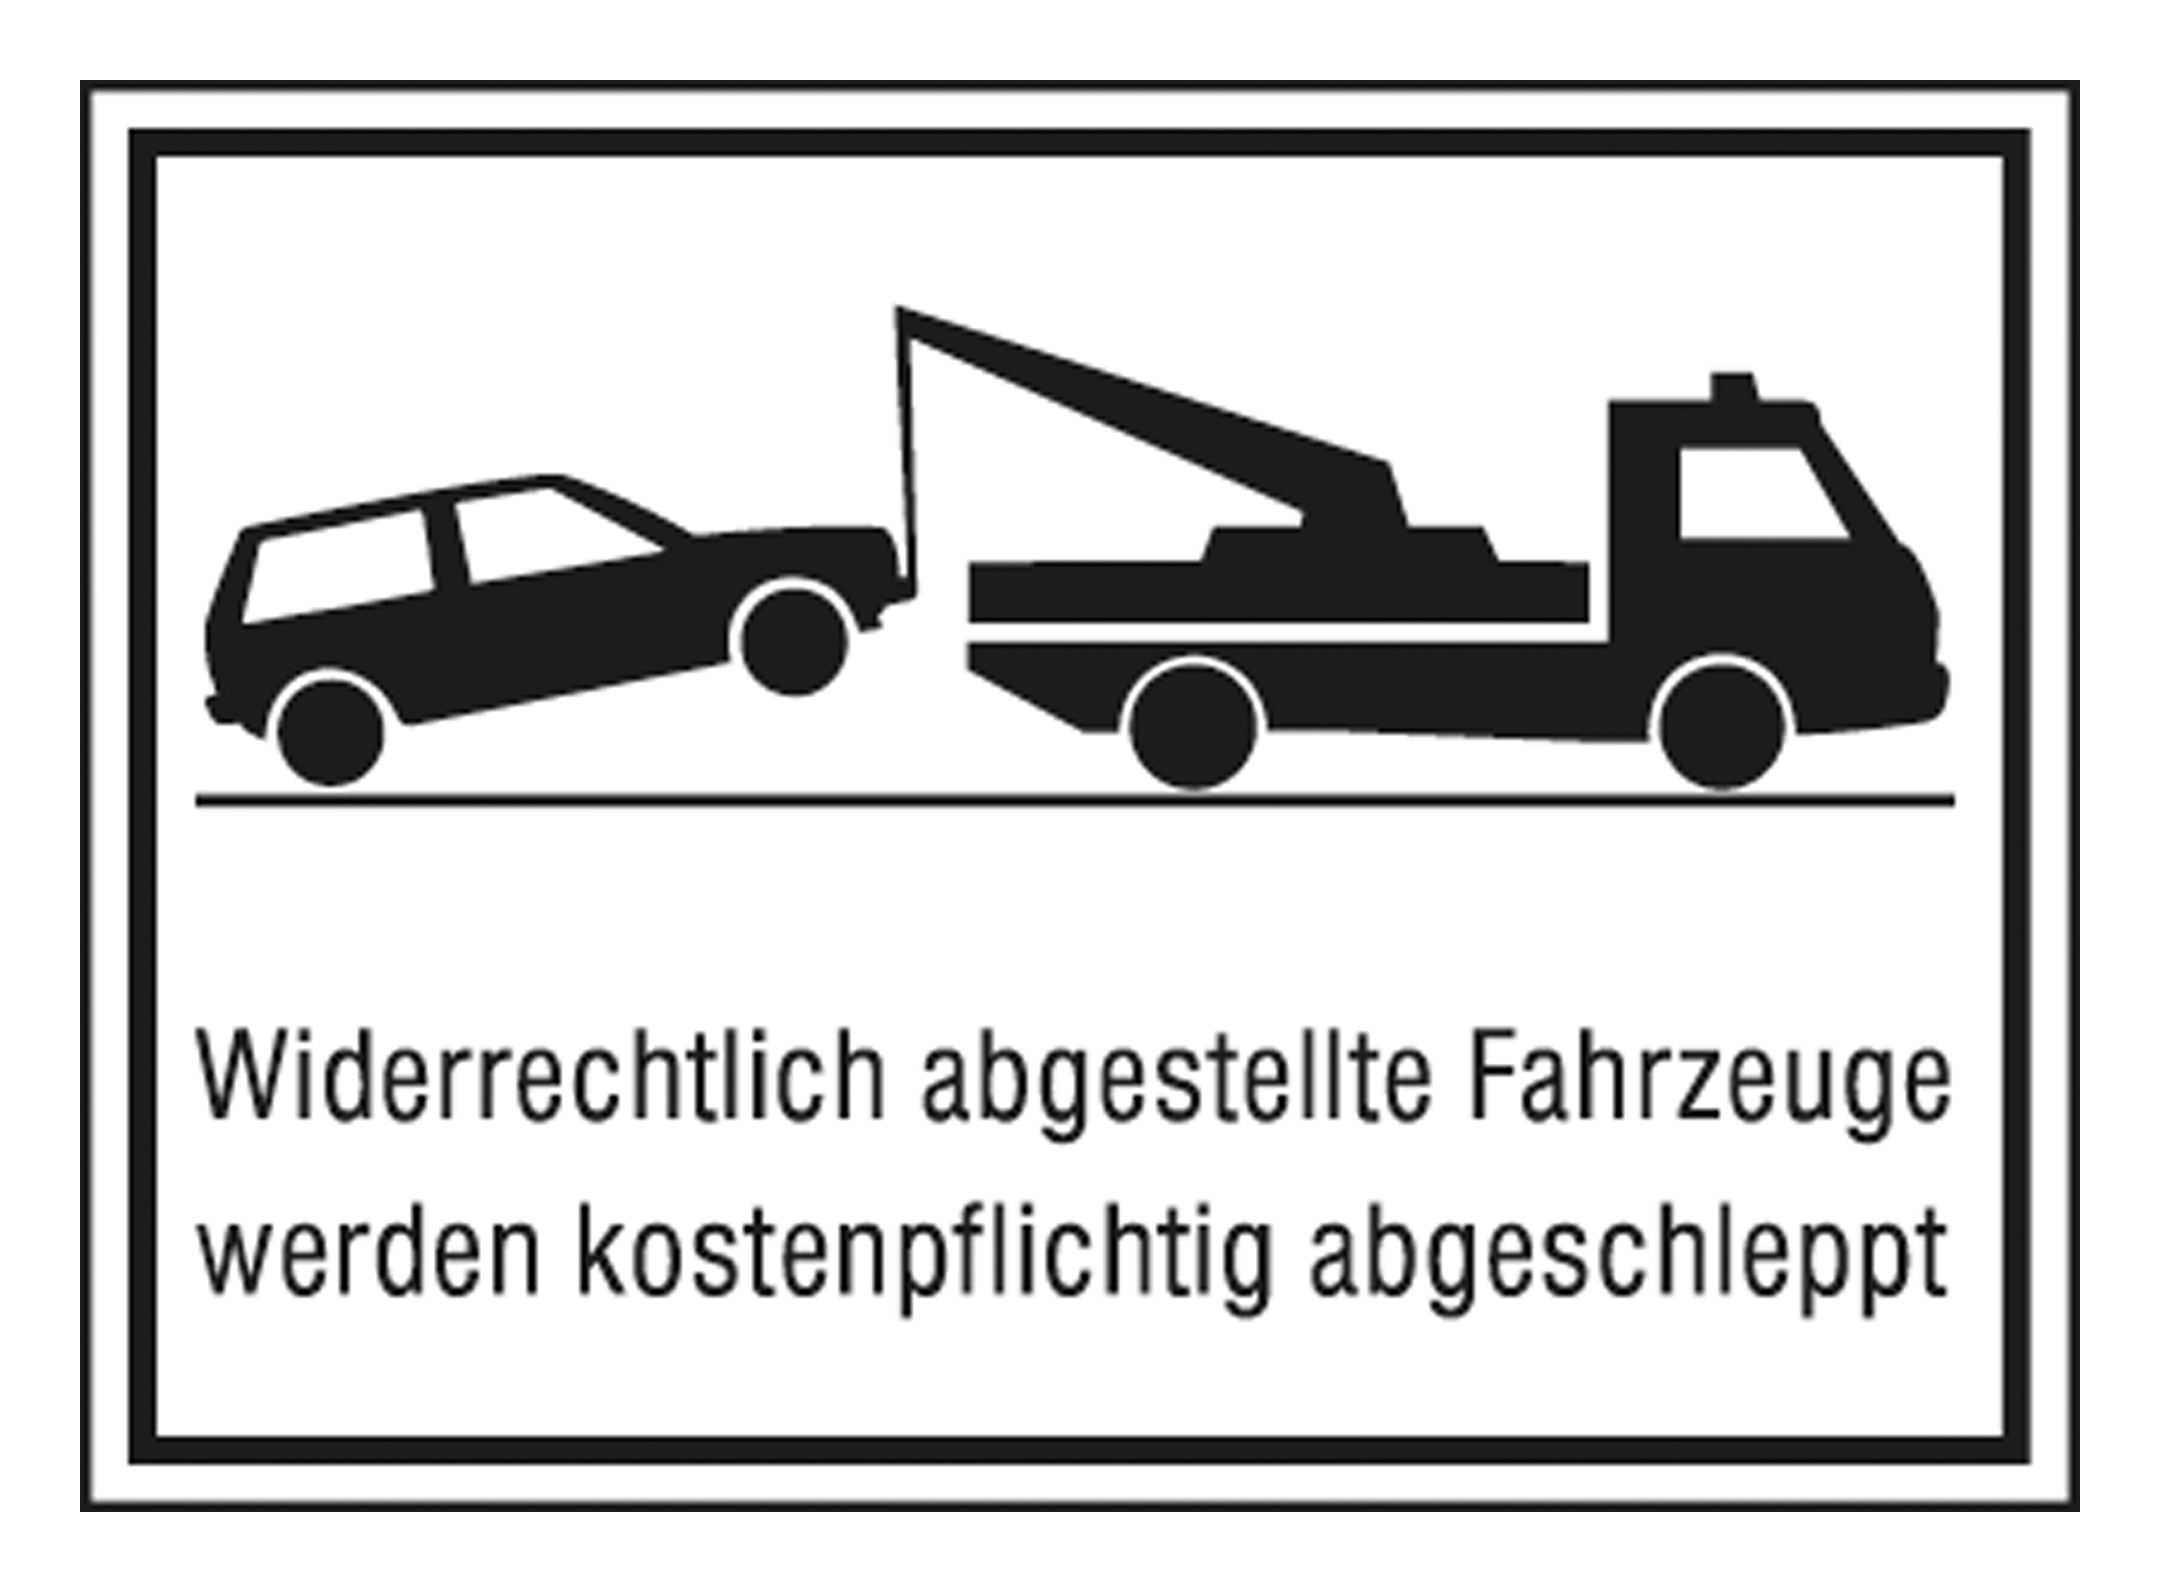 SafetyMarking Parkverbotschild Alu 400 x 250 mm Widerrechtlich abgestellte Fahrzeuge - 11.5174